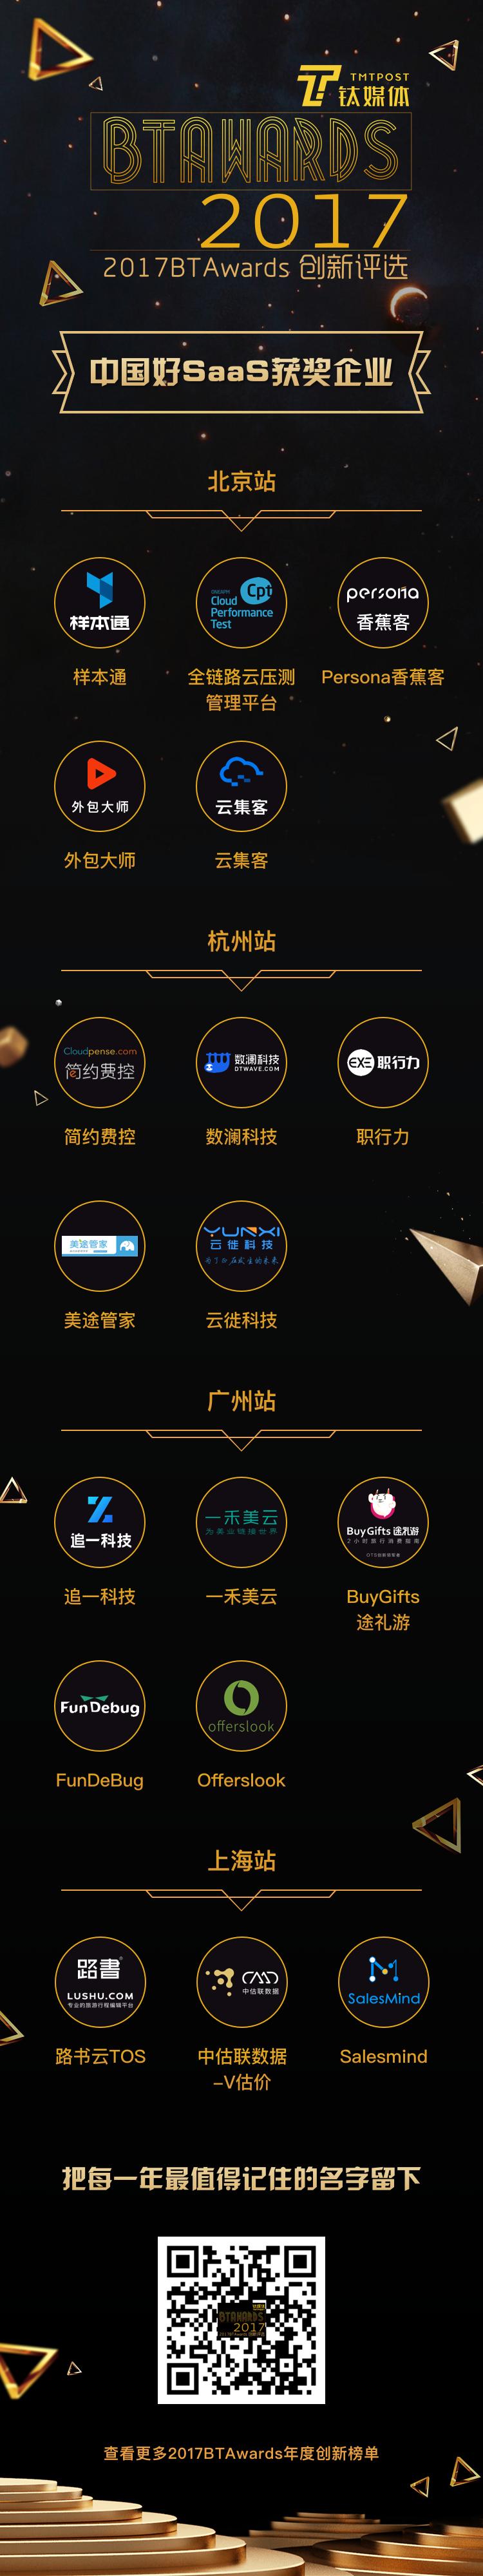 2017年中国好SaaS获奖企业